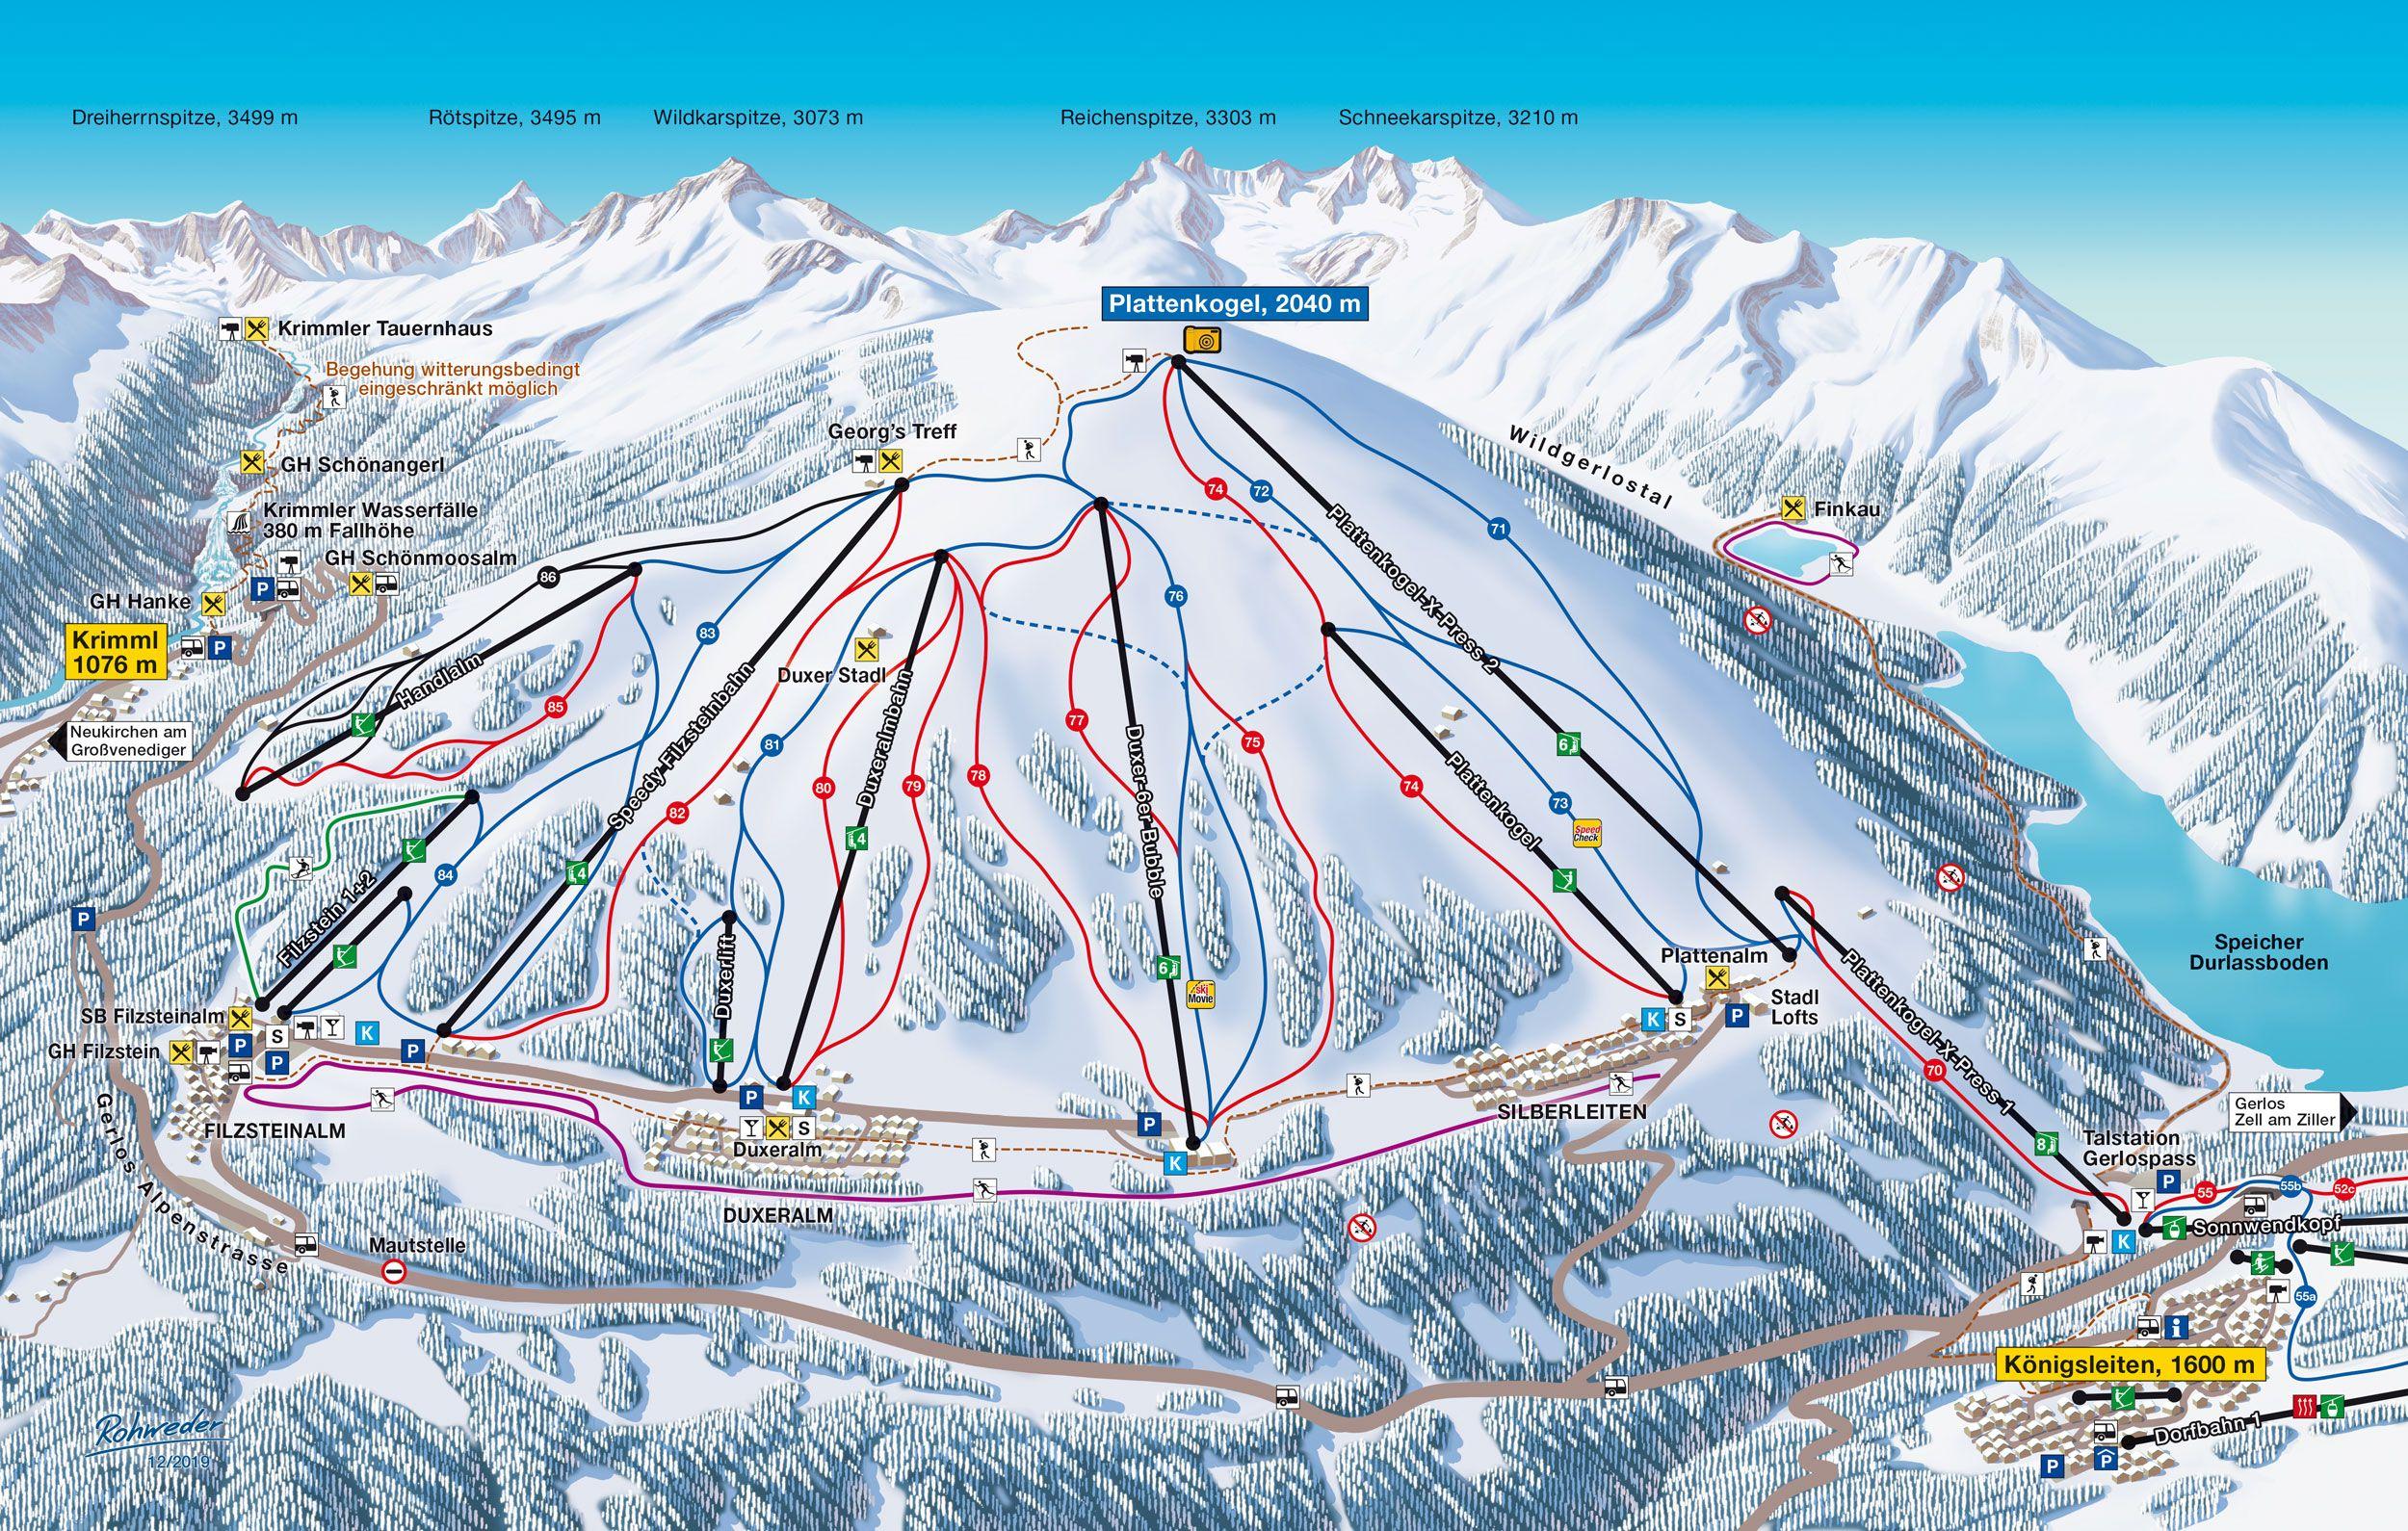 Der Panorama Maler Arne Rohweder Hat Für Das Skigebiet